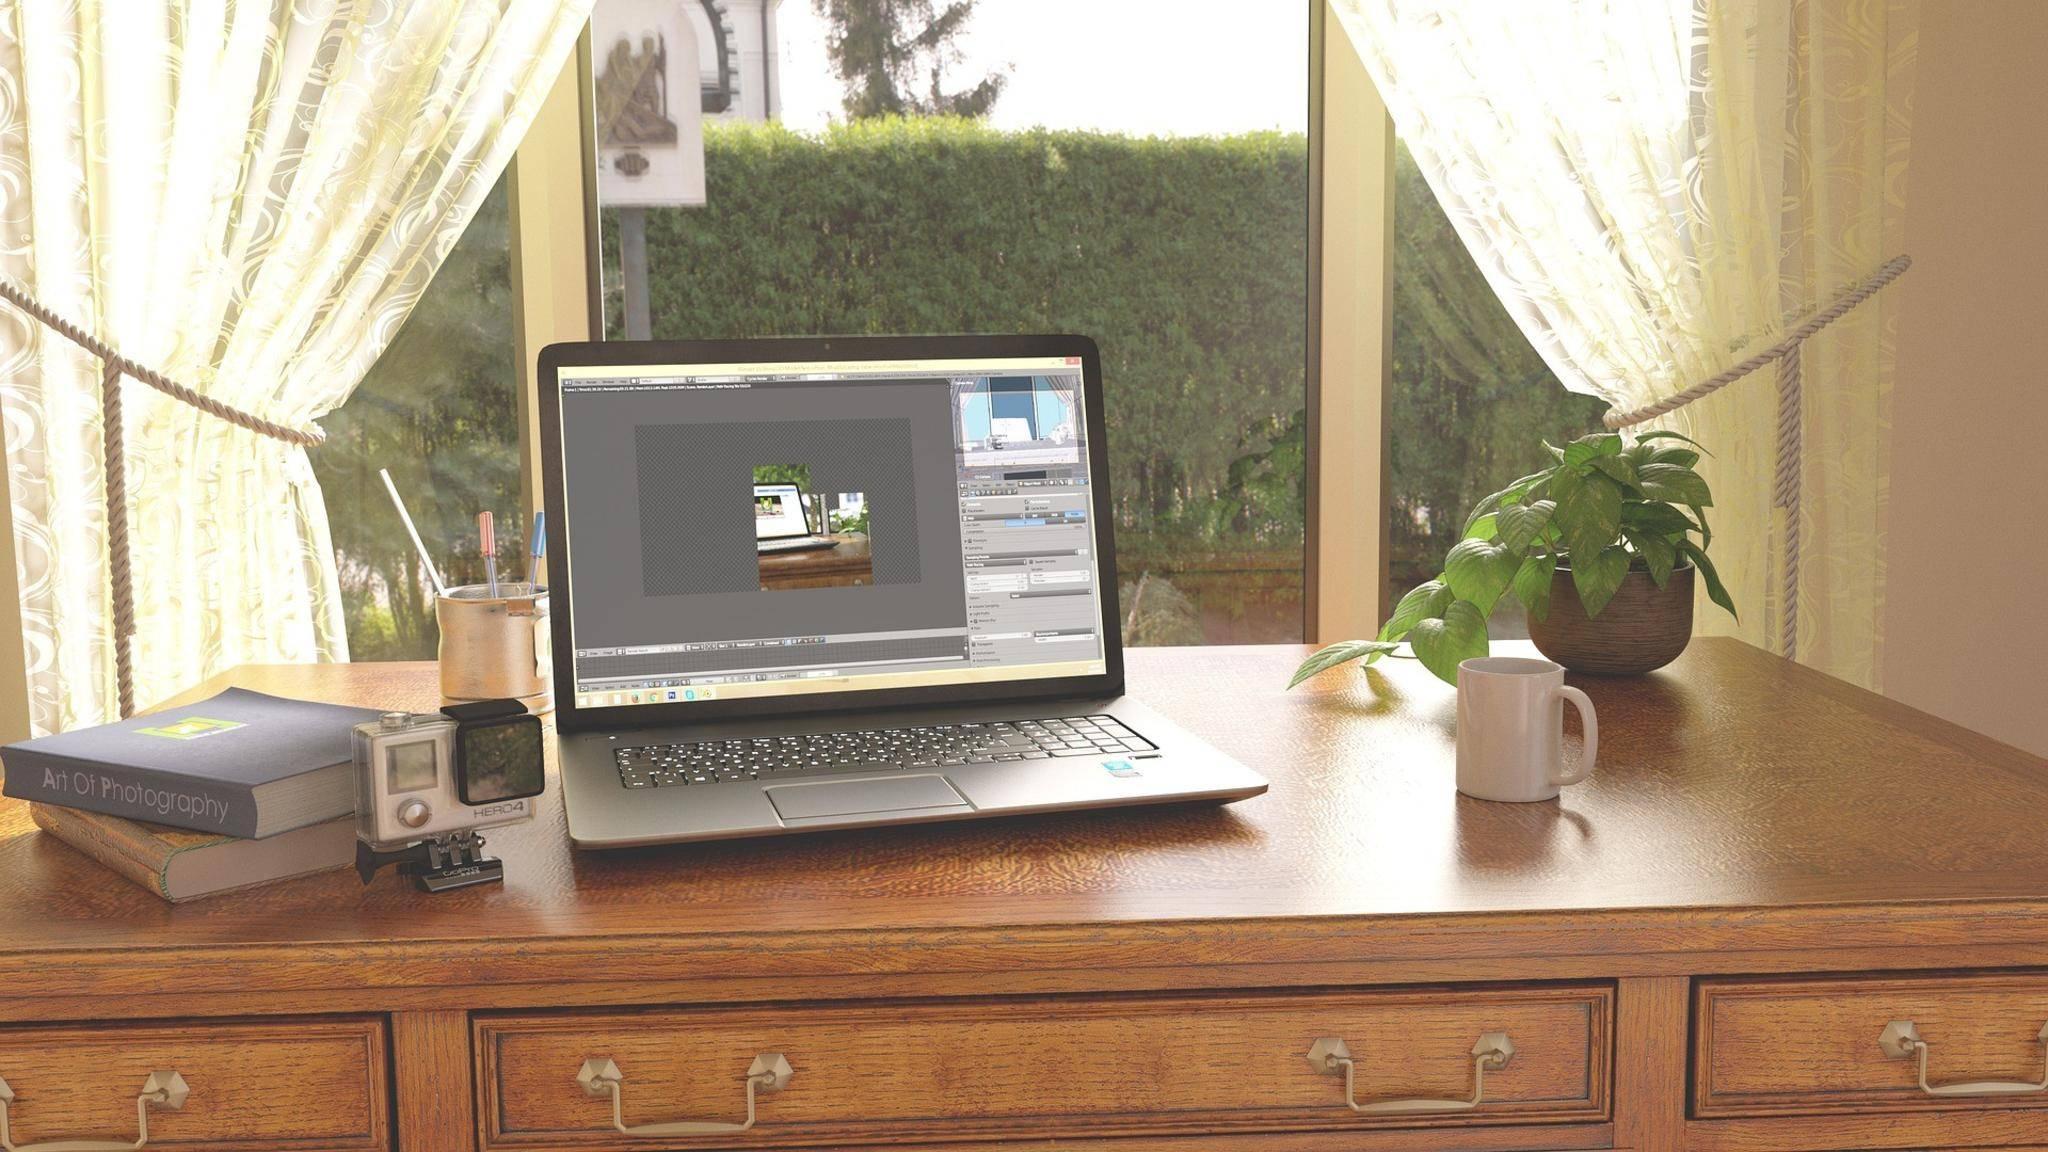 Einmal kurz nicht hingesehen, macht der Laptop einen Neustart.